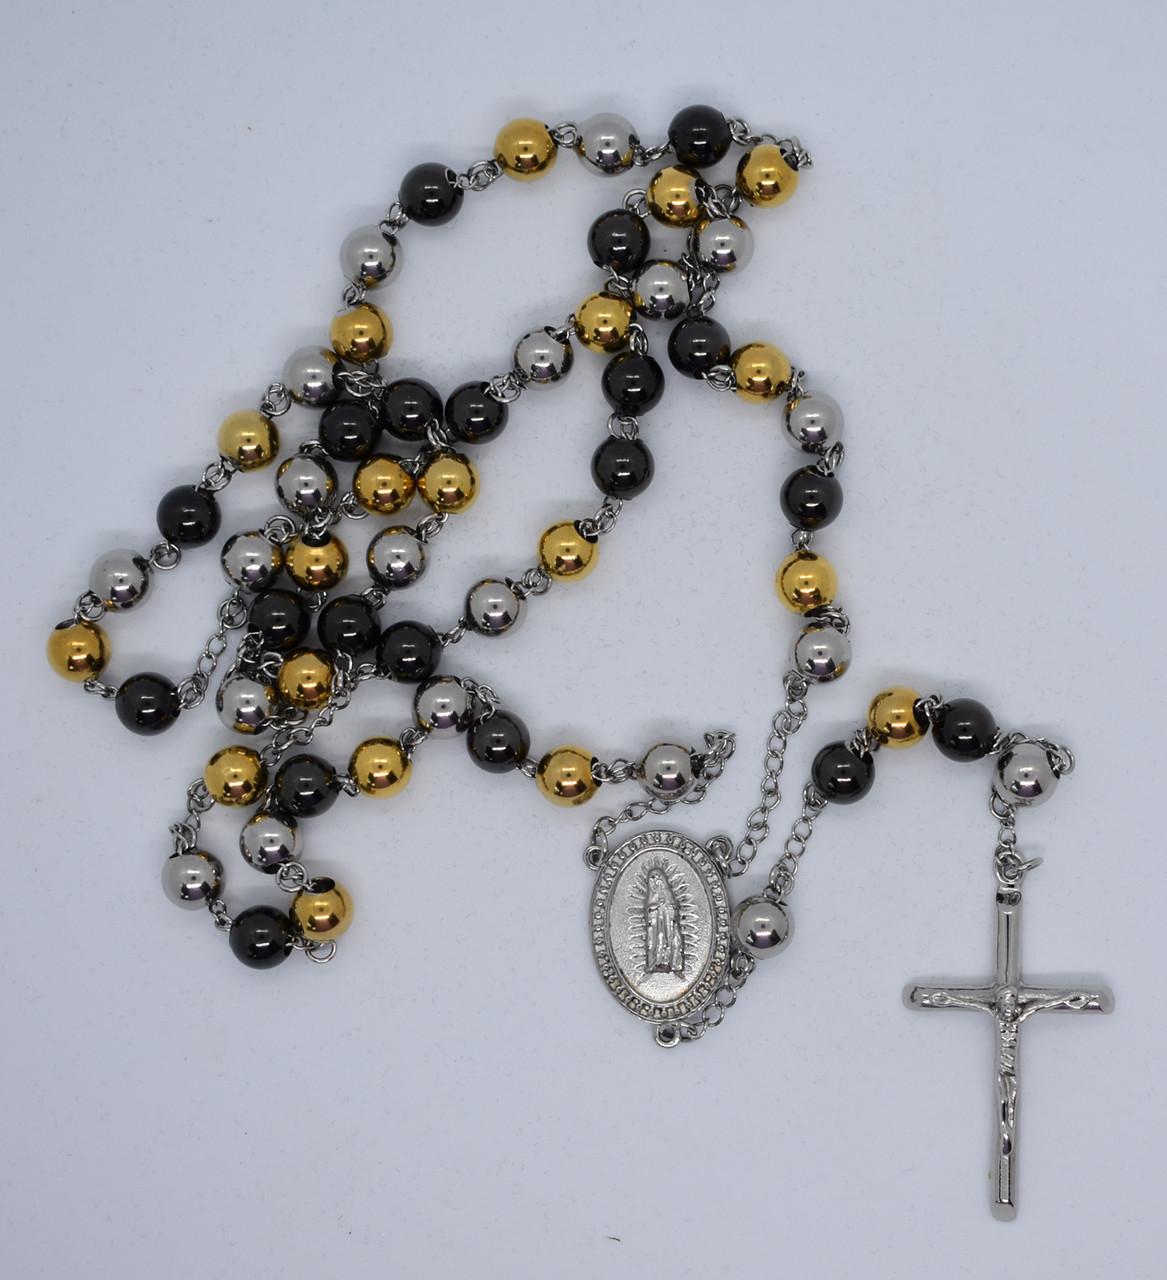 8mm Rosaries